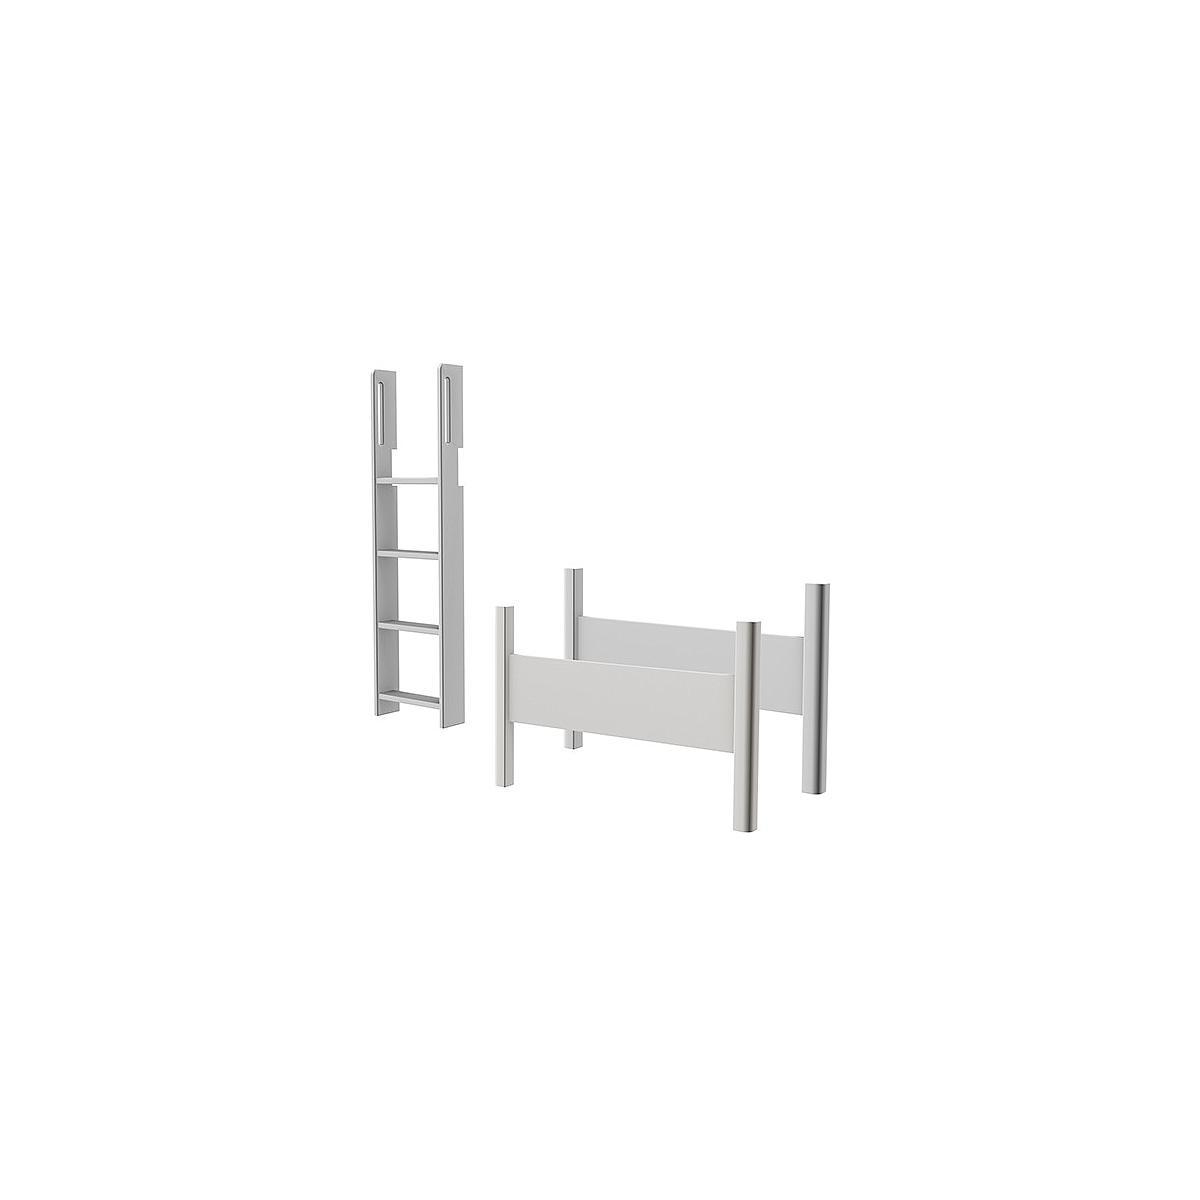 Kit elevación Cama semi alta WHITE Flexa escalera recta blanco